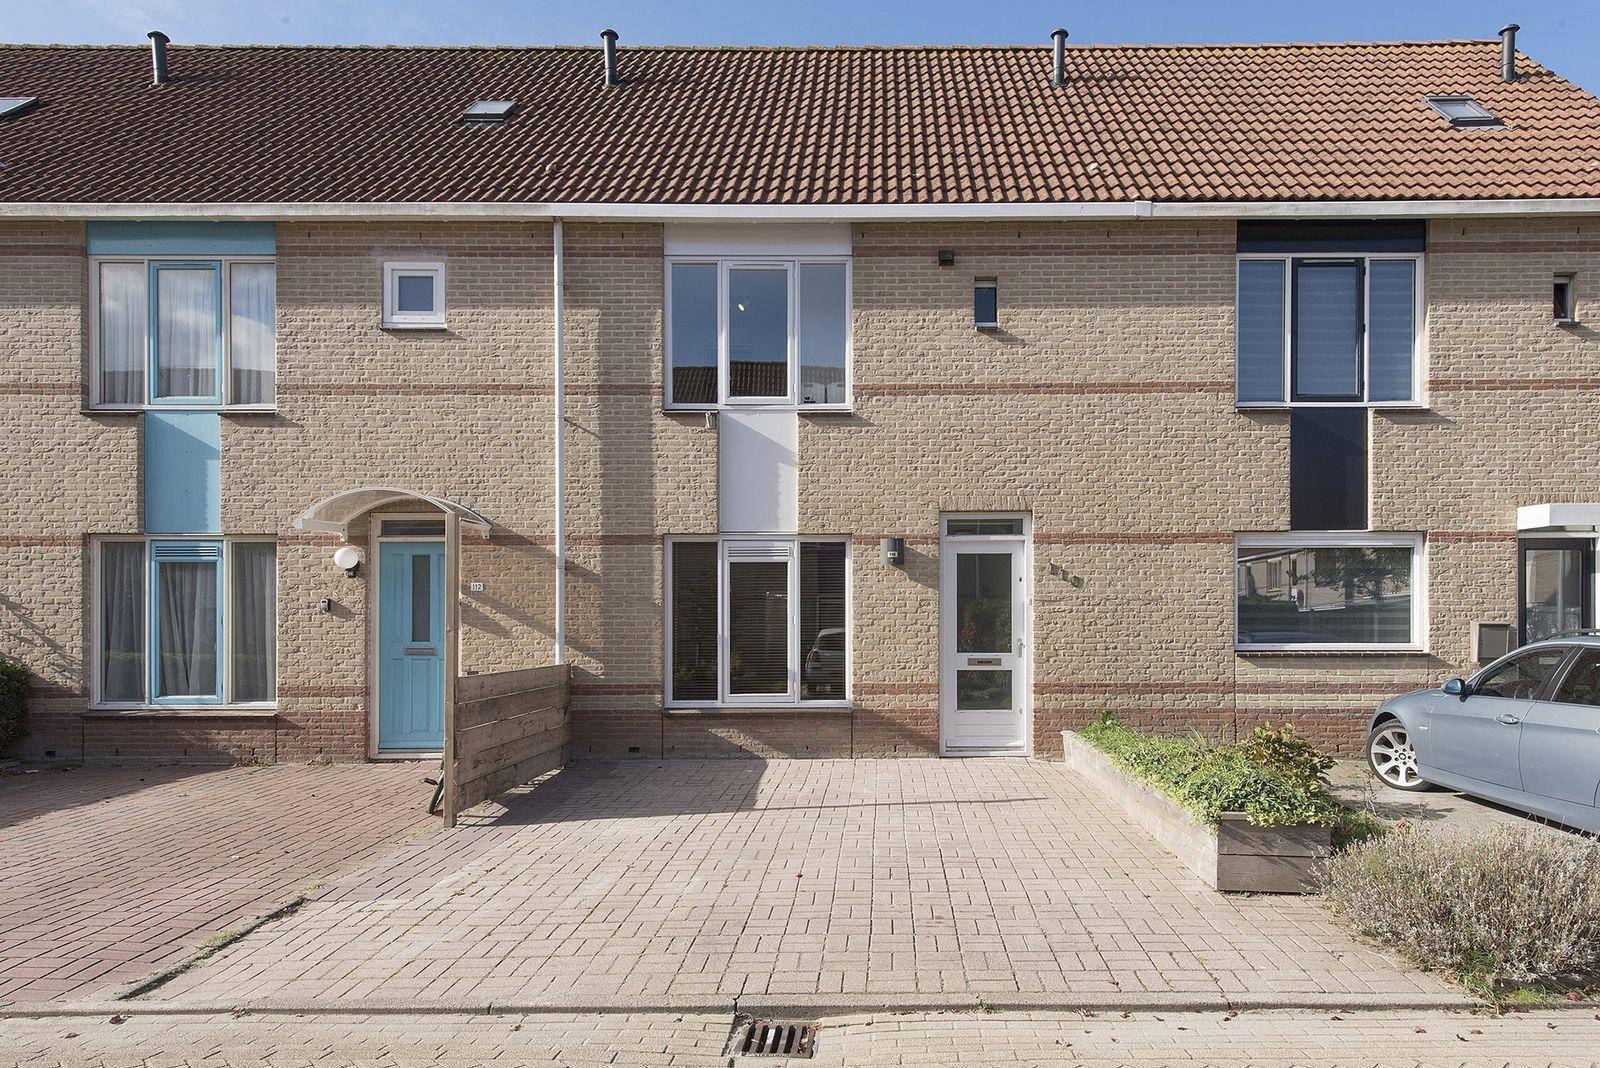 Rhonestraat 110, Lelystad